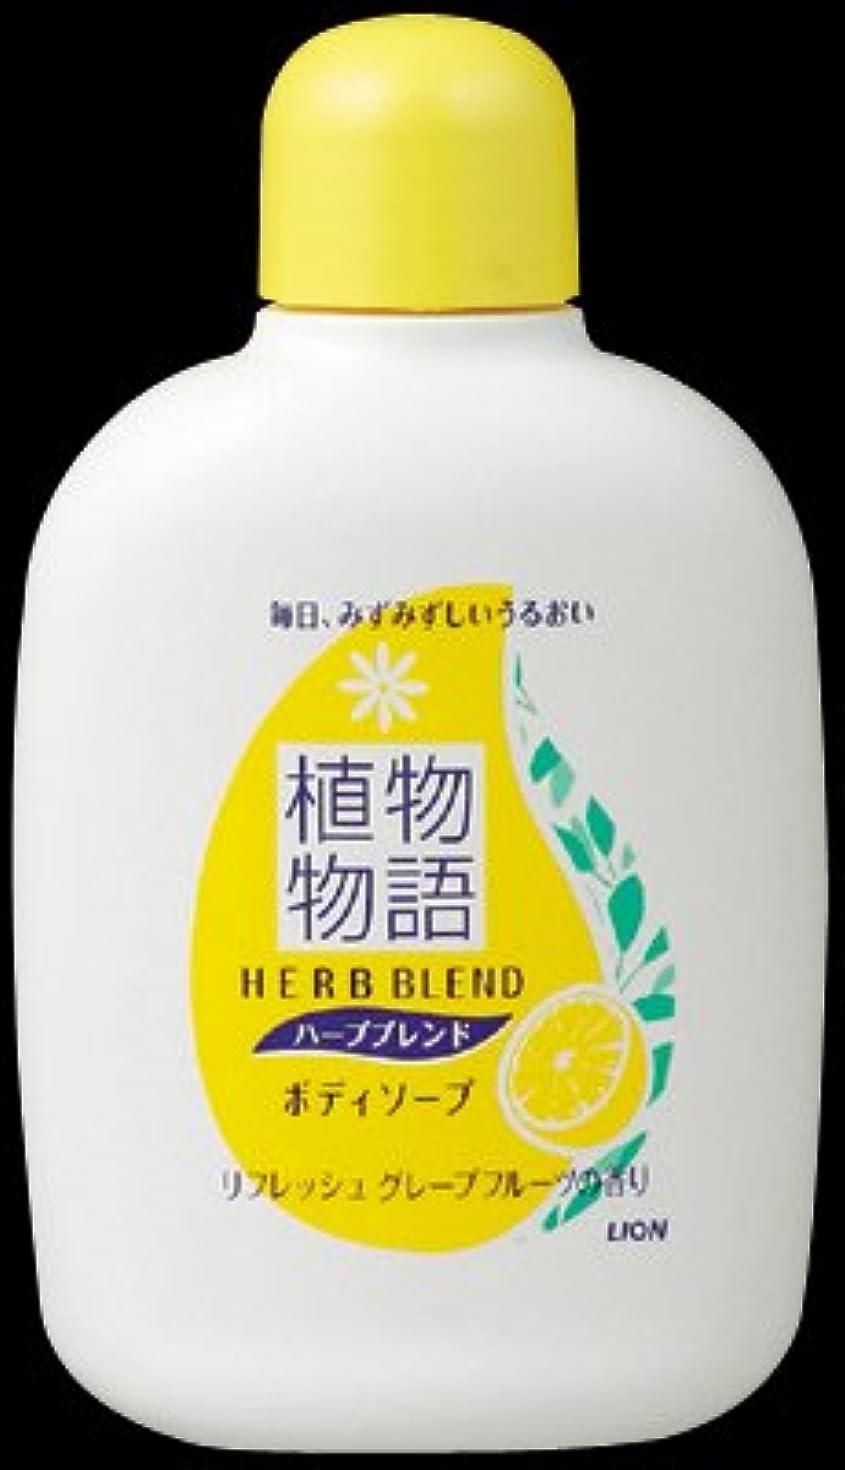 異議脱獄解釈的ライオン 植物物語 ハーブブレンドボディソープ グレープフルーツの香り トラベル90ml×24点セット (4903301325048)